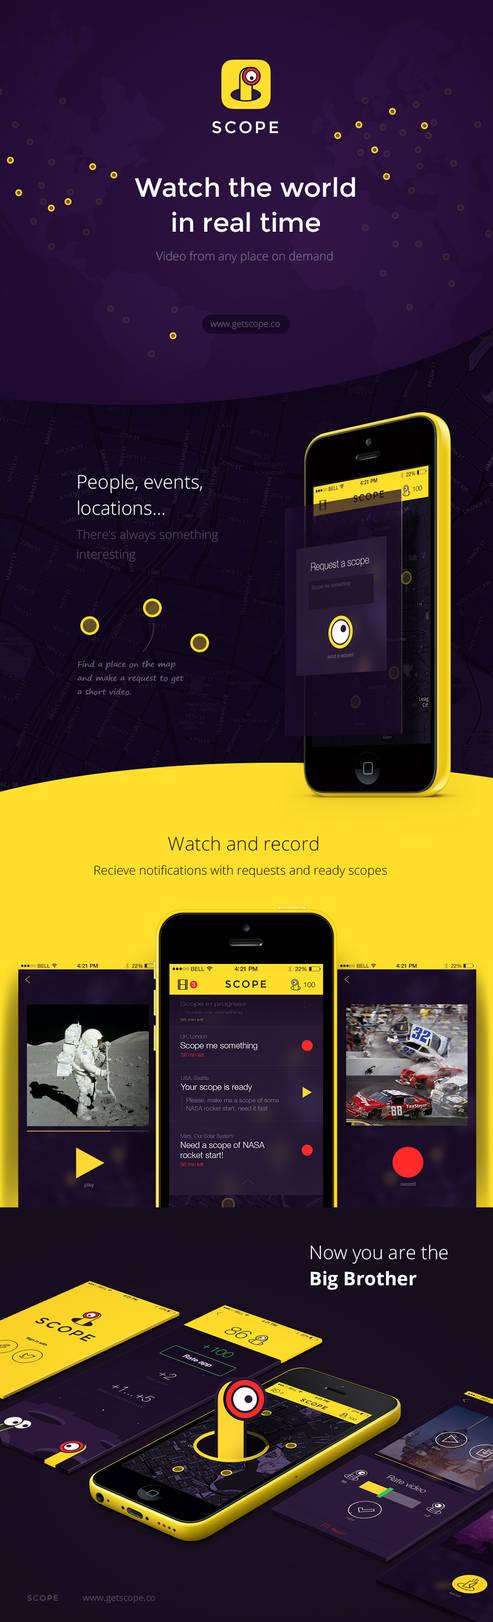 SCOPE - Social Video Messenger